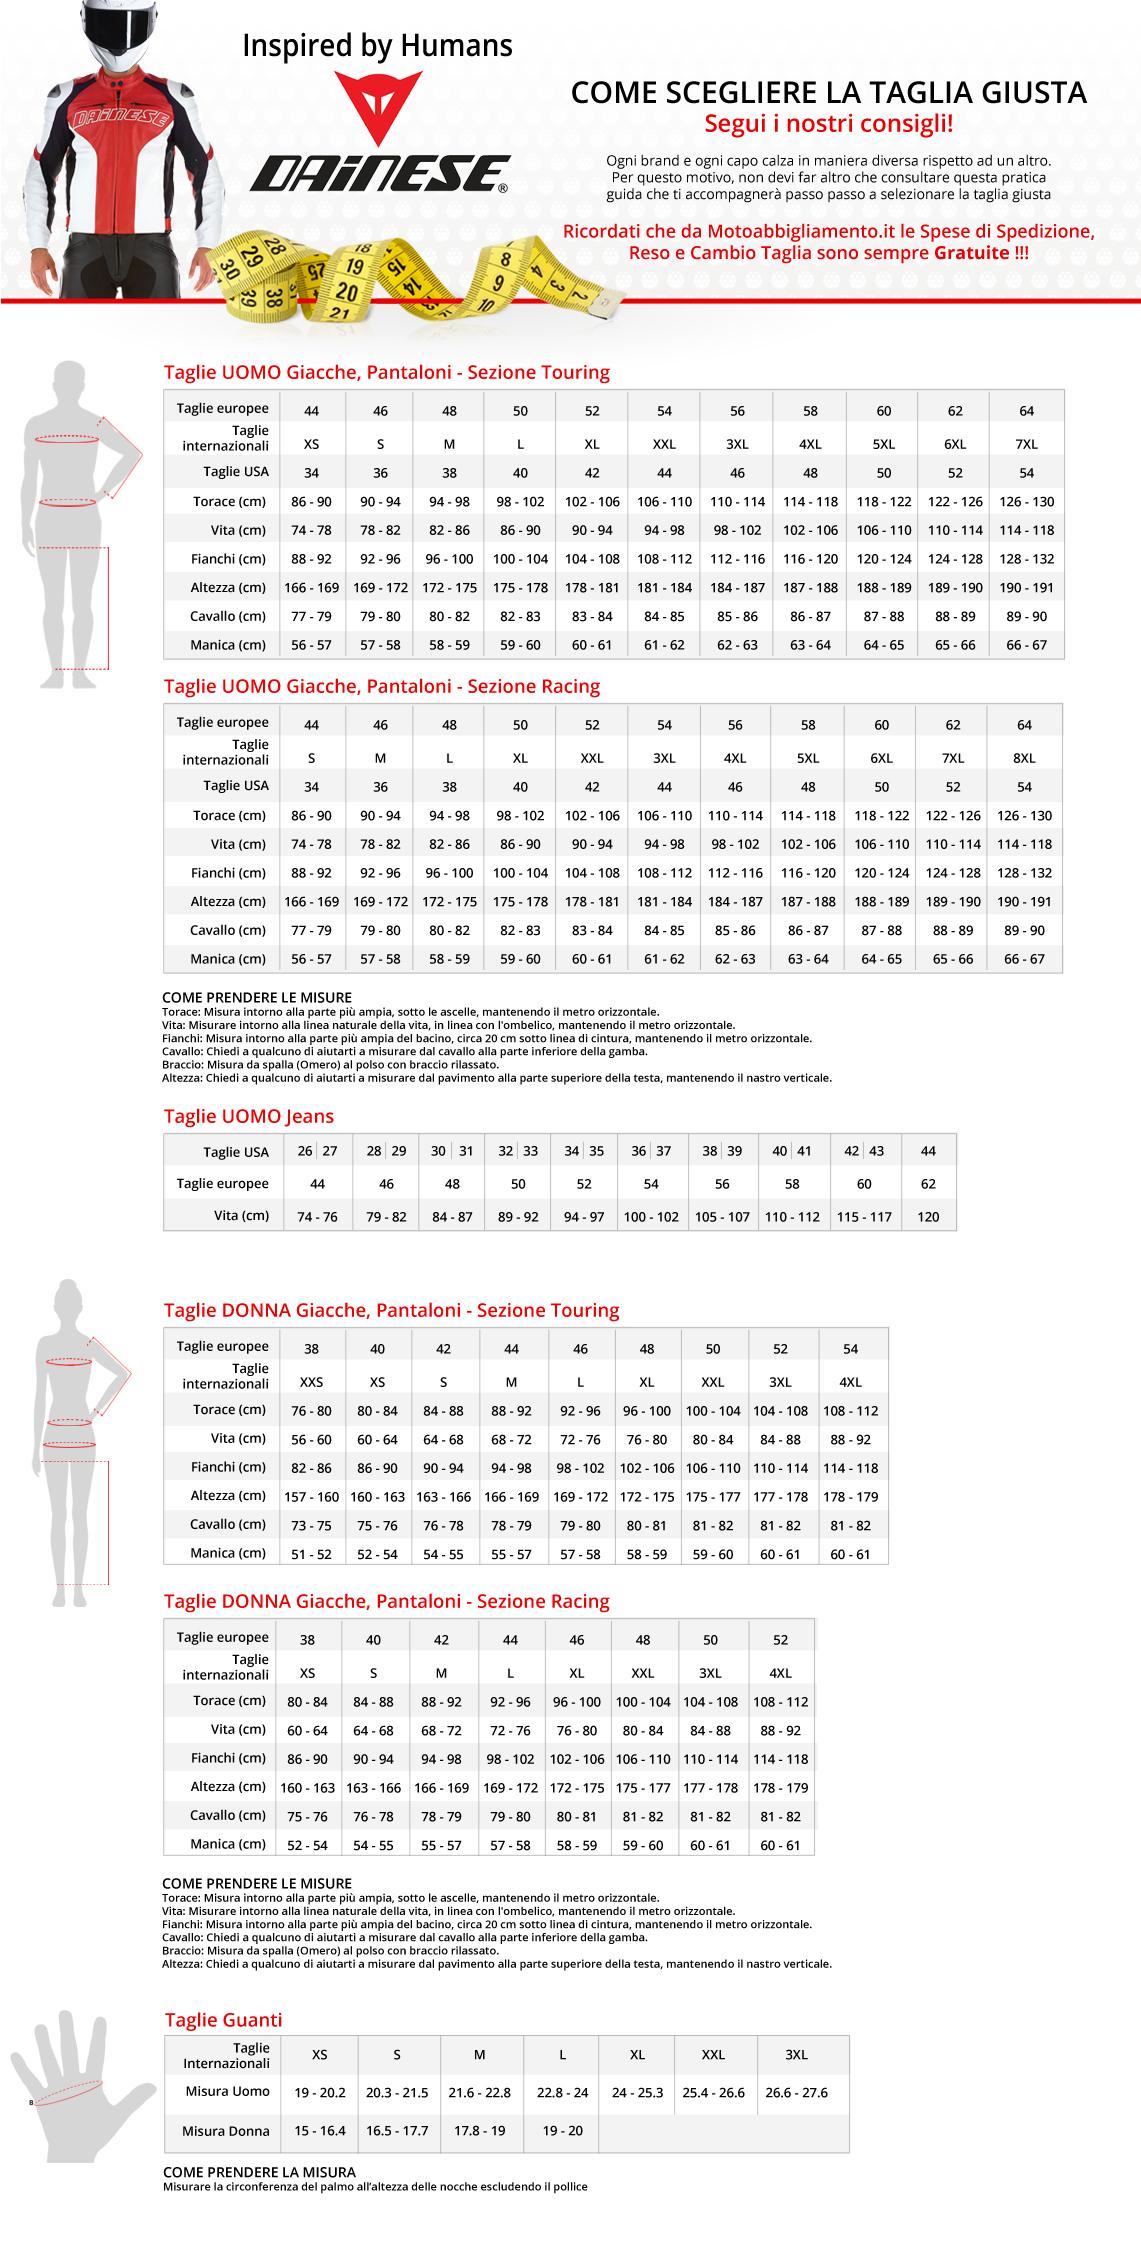 Tabella di comparazione taglie - Dainese